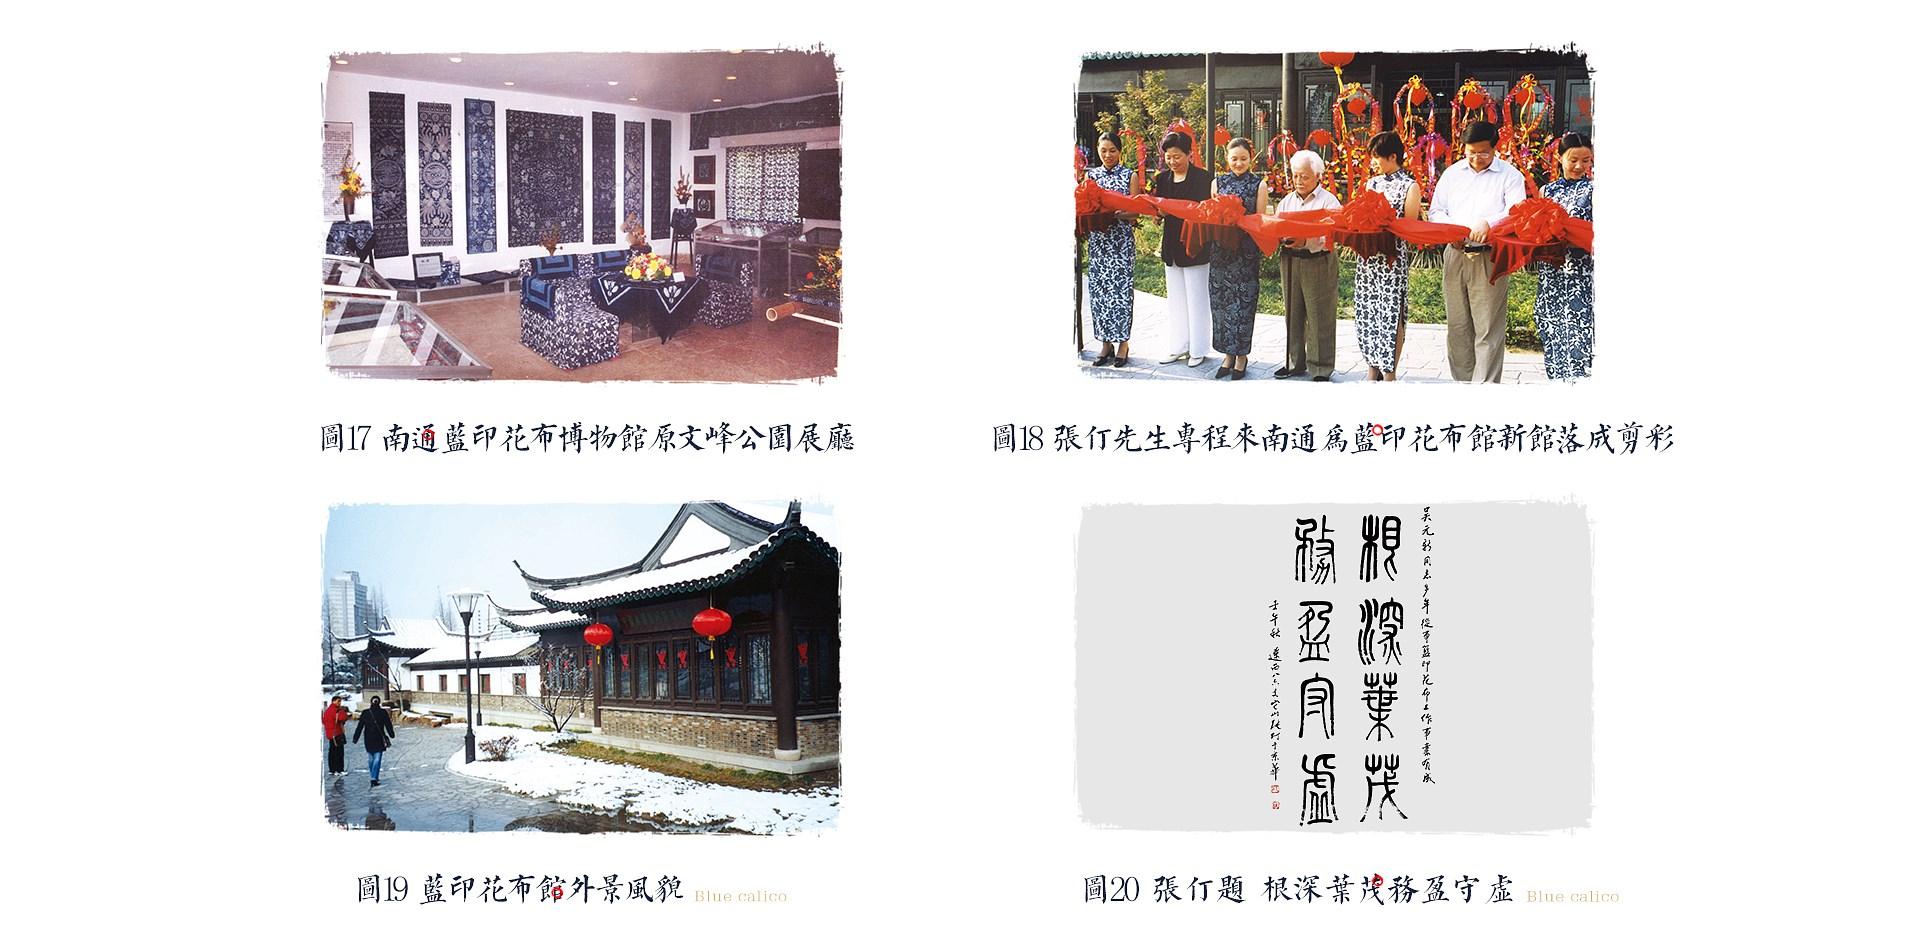 传承之路4.jpg